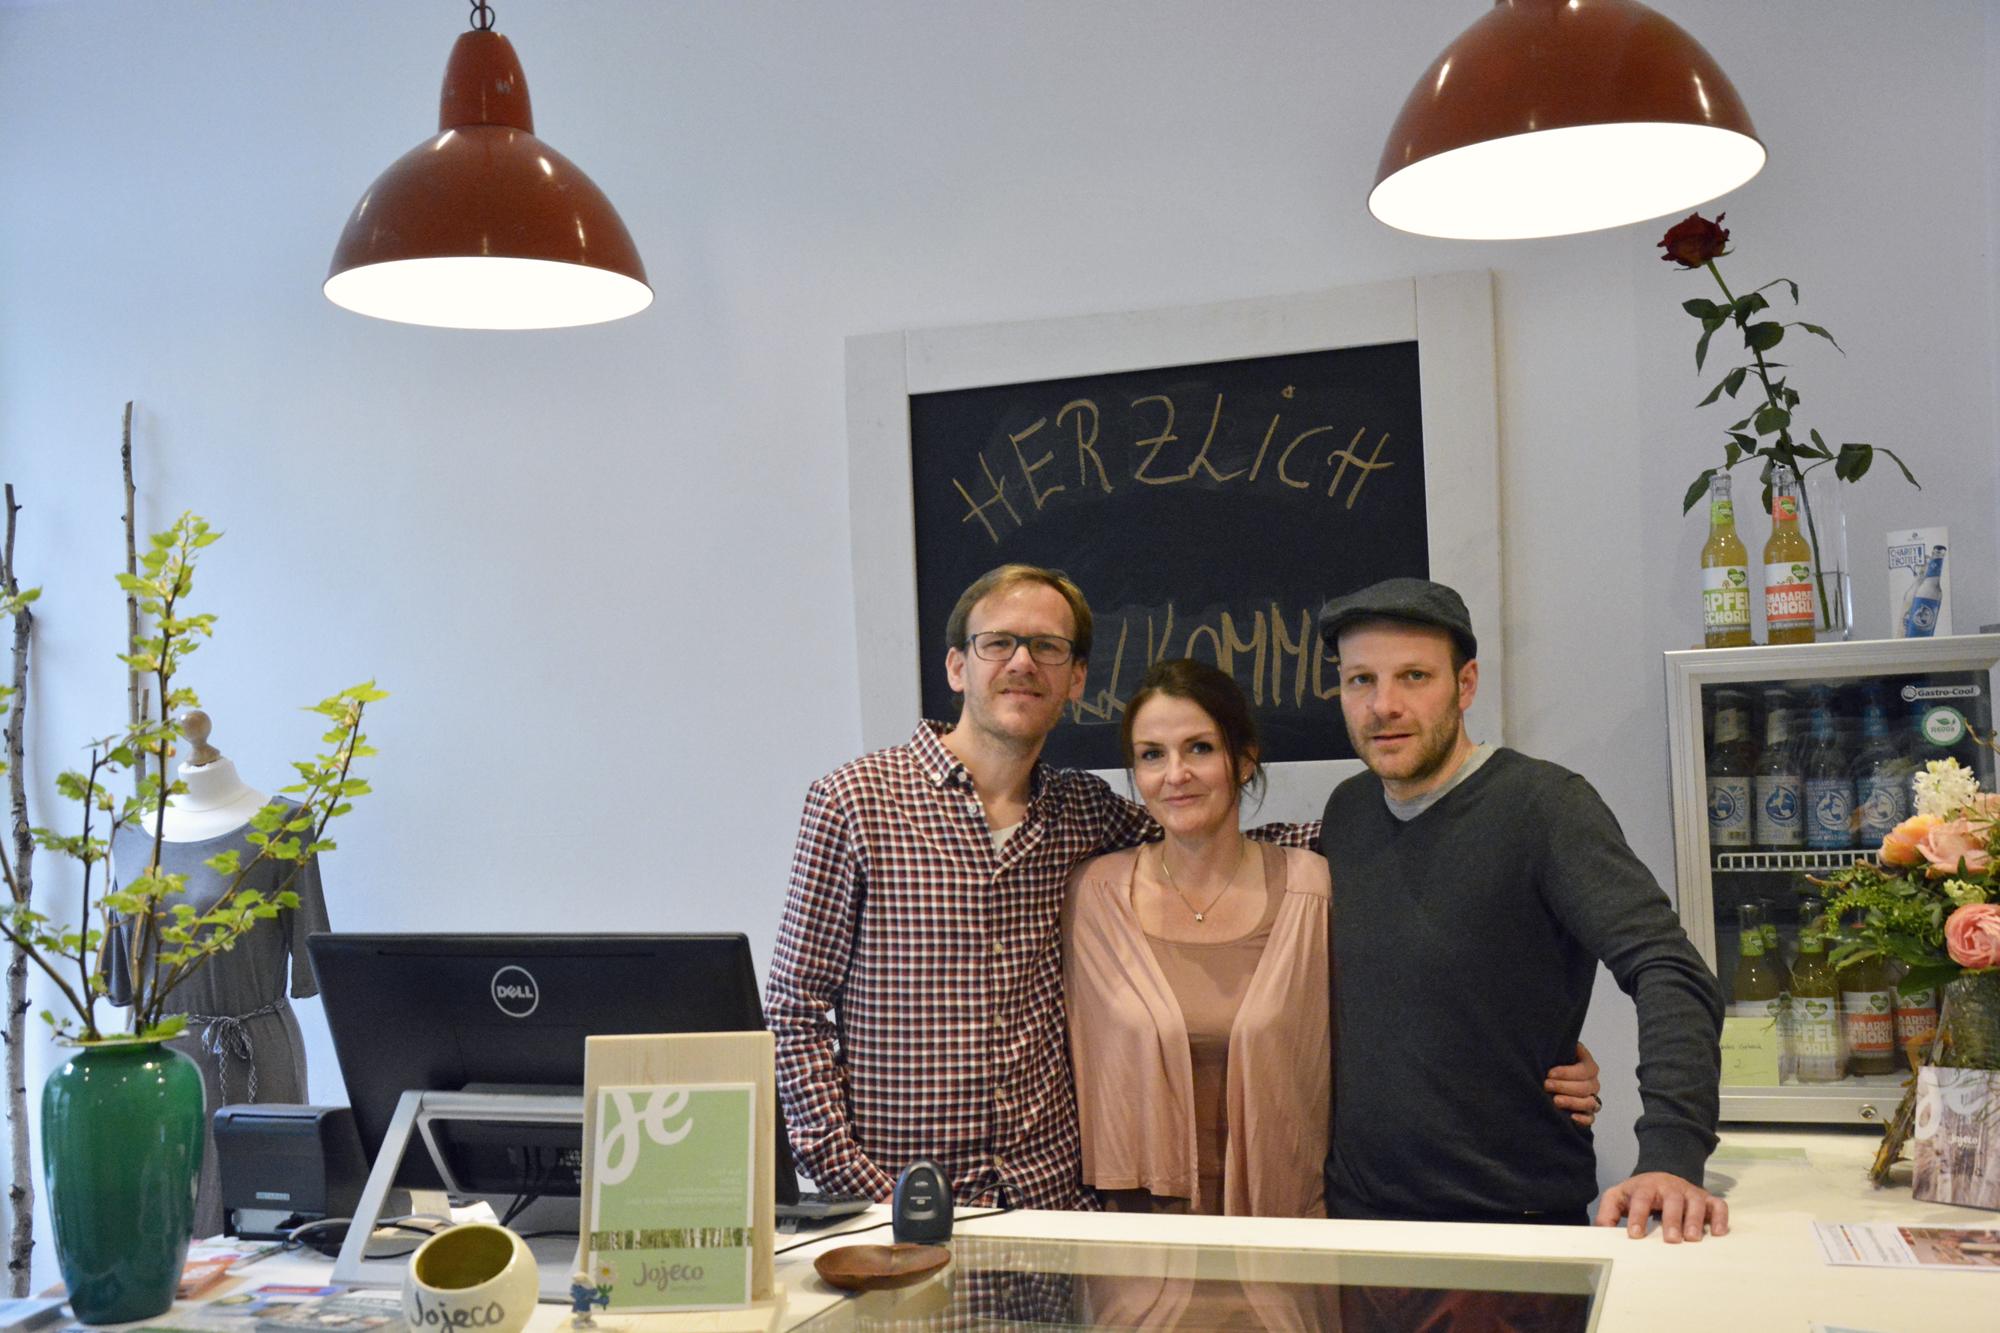 Das Team von jojeco: Jens, Kerstin und Johannes. Foto: BSM